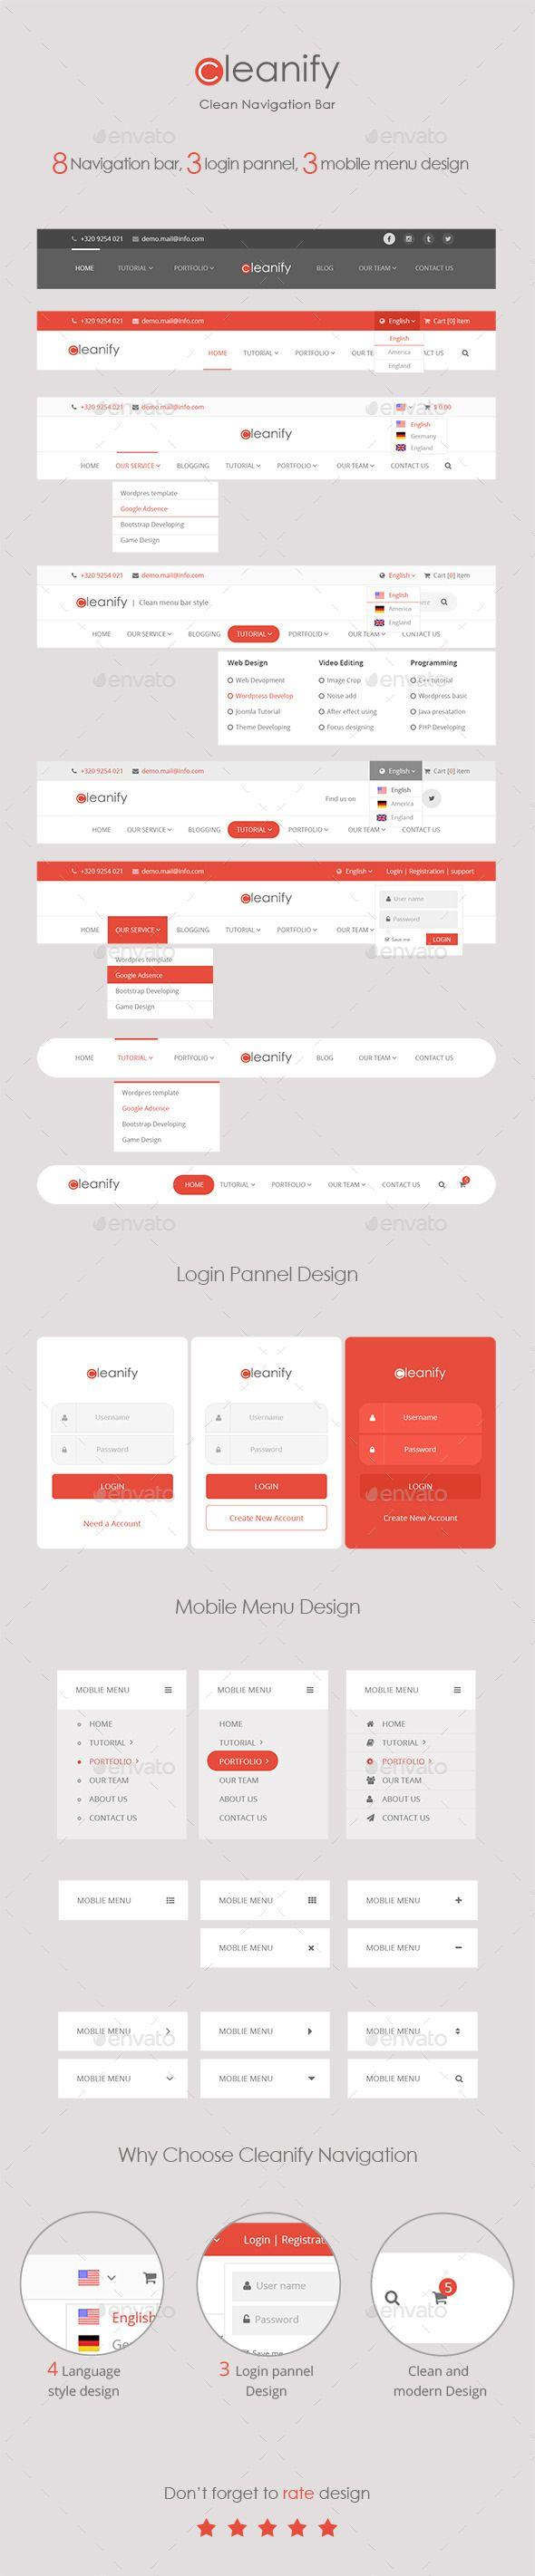 Cleanify Navigation Bar Navigation Bars Web Elements Header Design Web Design Creative Web Design